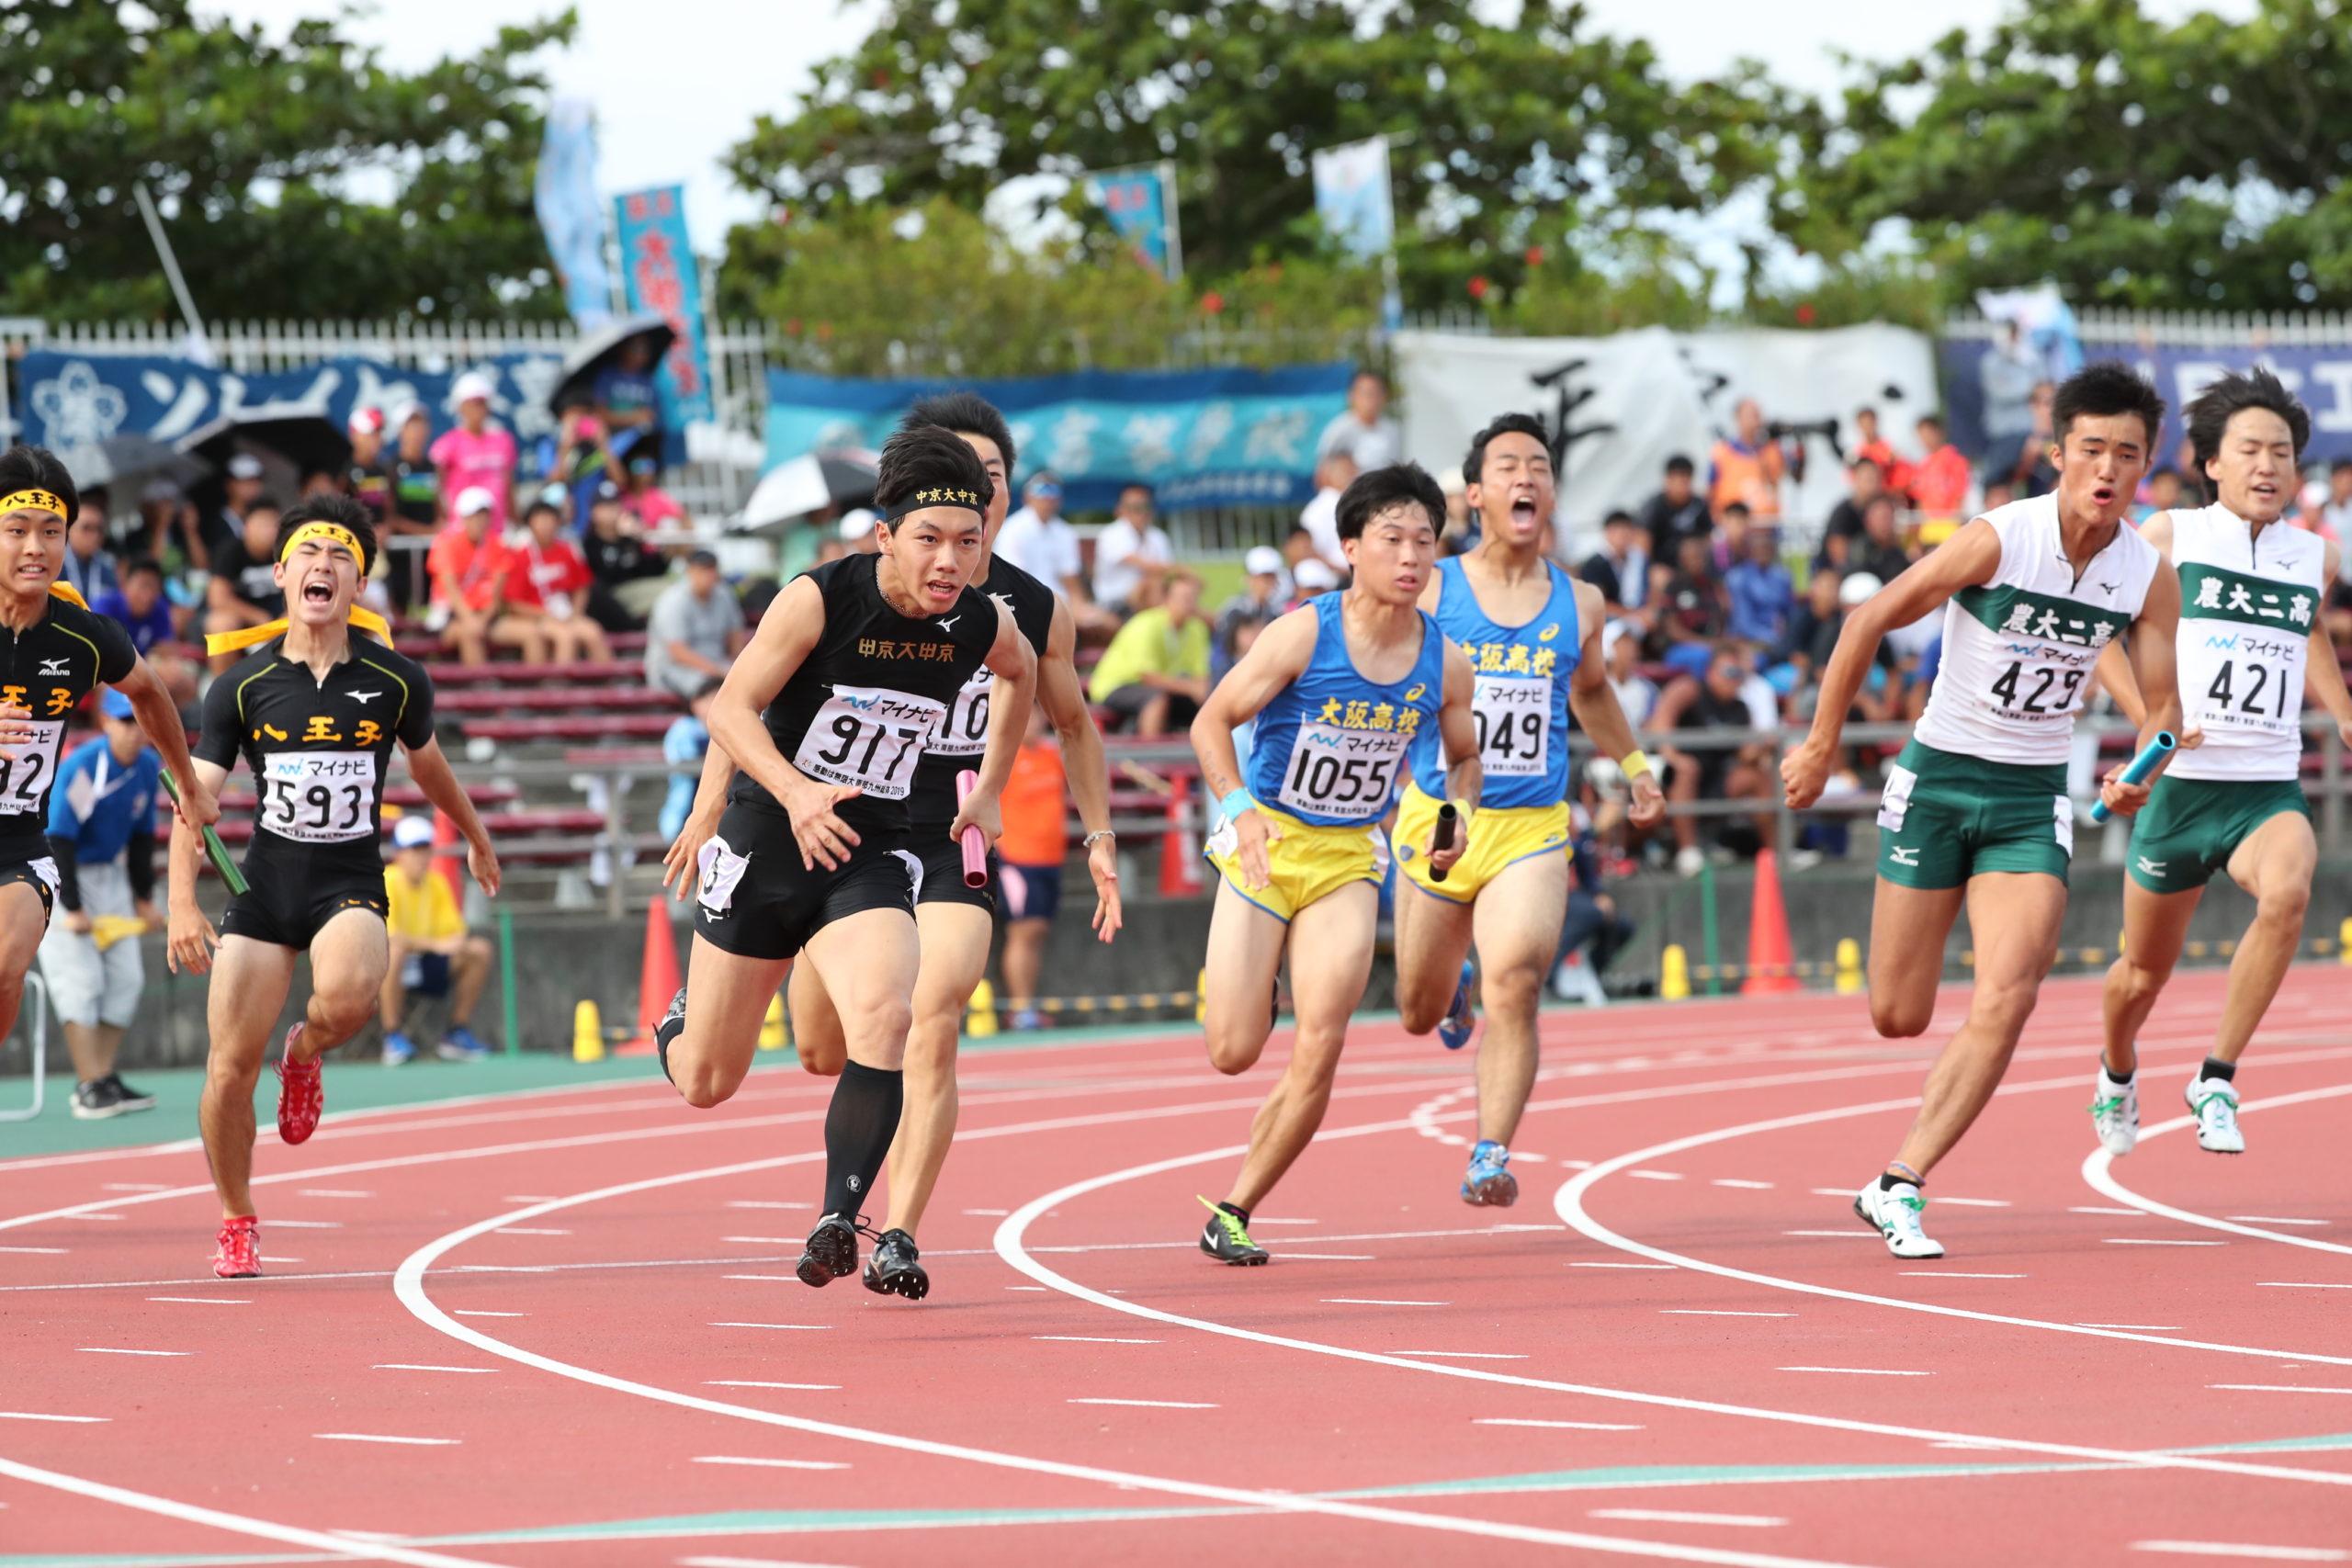 【展望】2020年の高校日本一を目指して/全国高校大会リレー